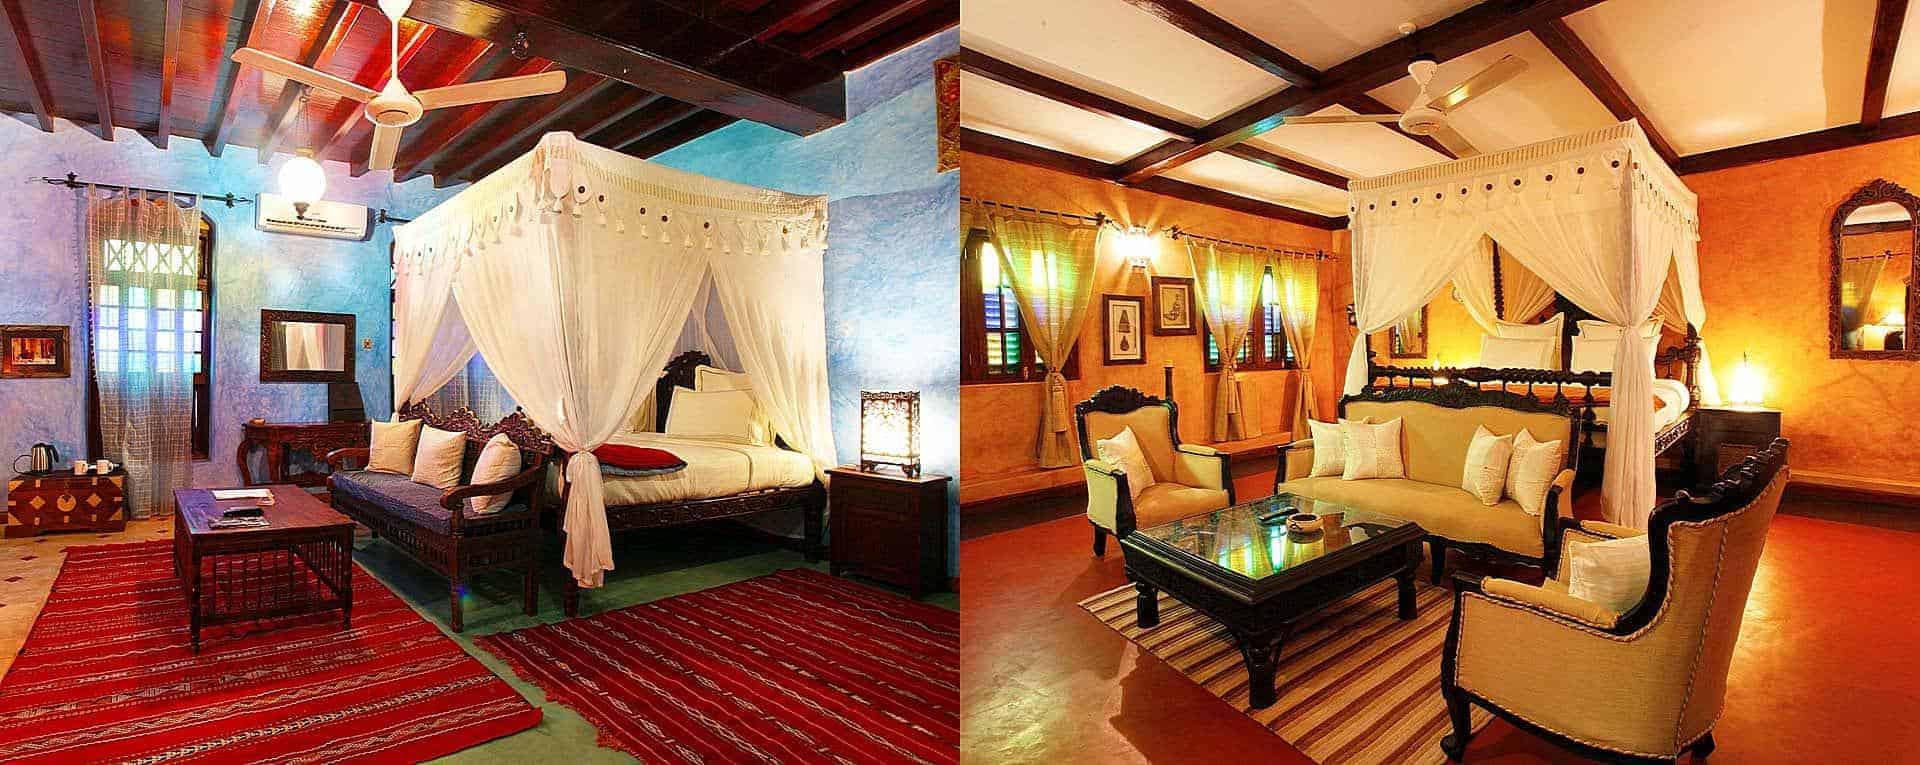 Photos images pictures for jafferji house spa in zanzibar tanzania africanmecca safaris - Home salon zanzibar ...